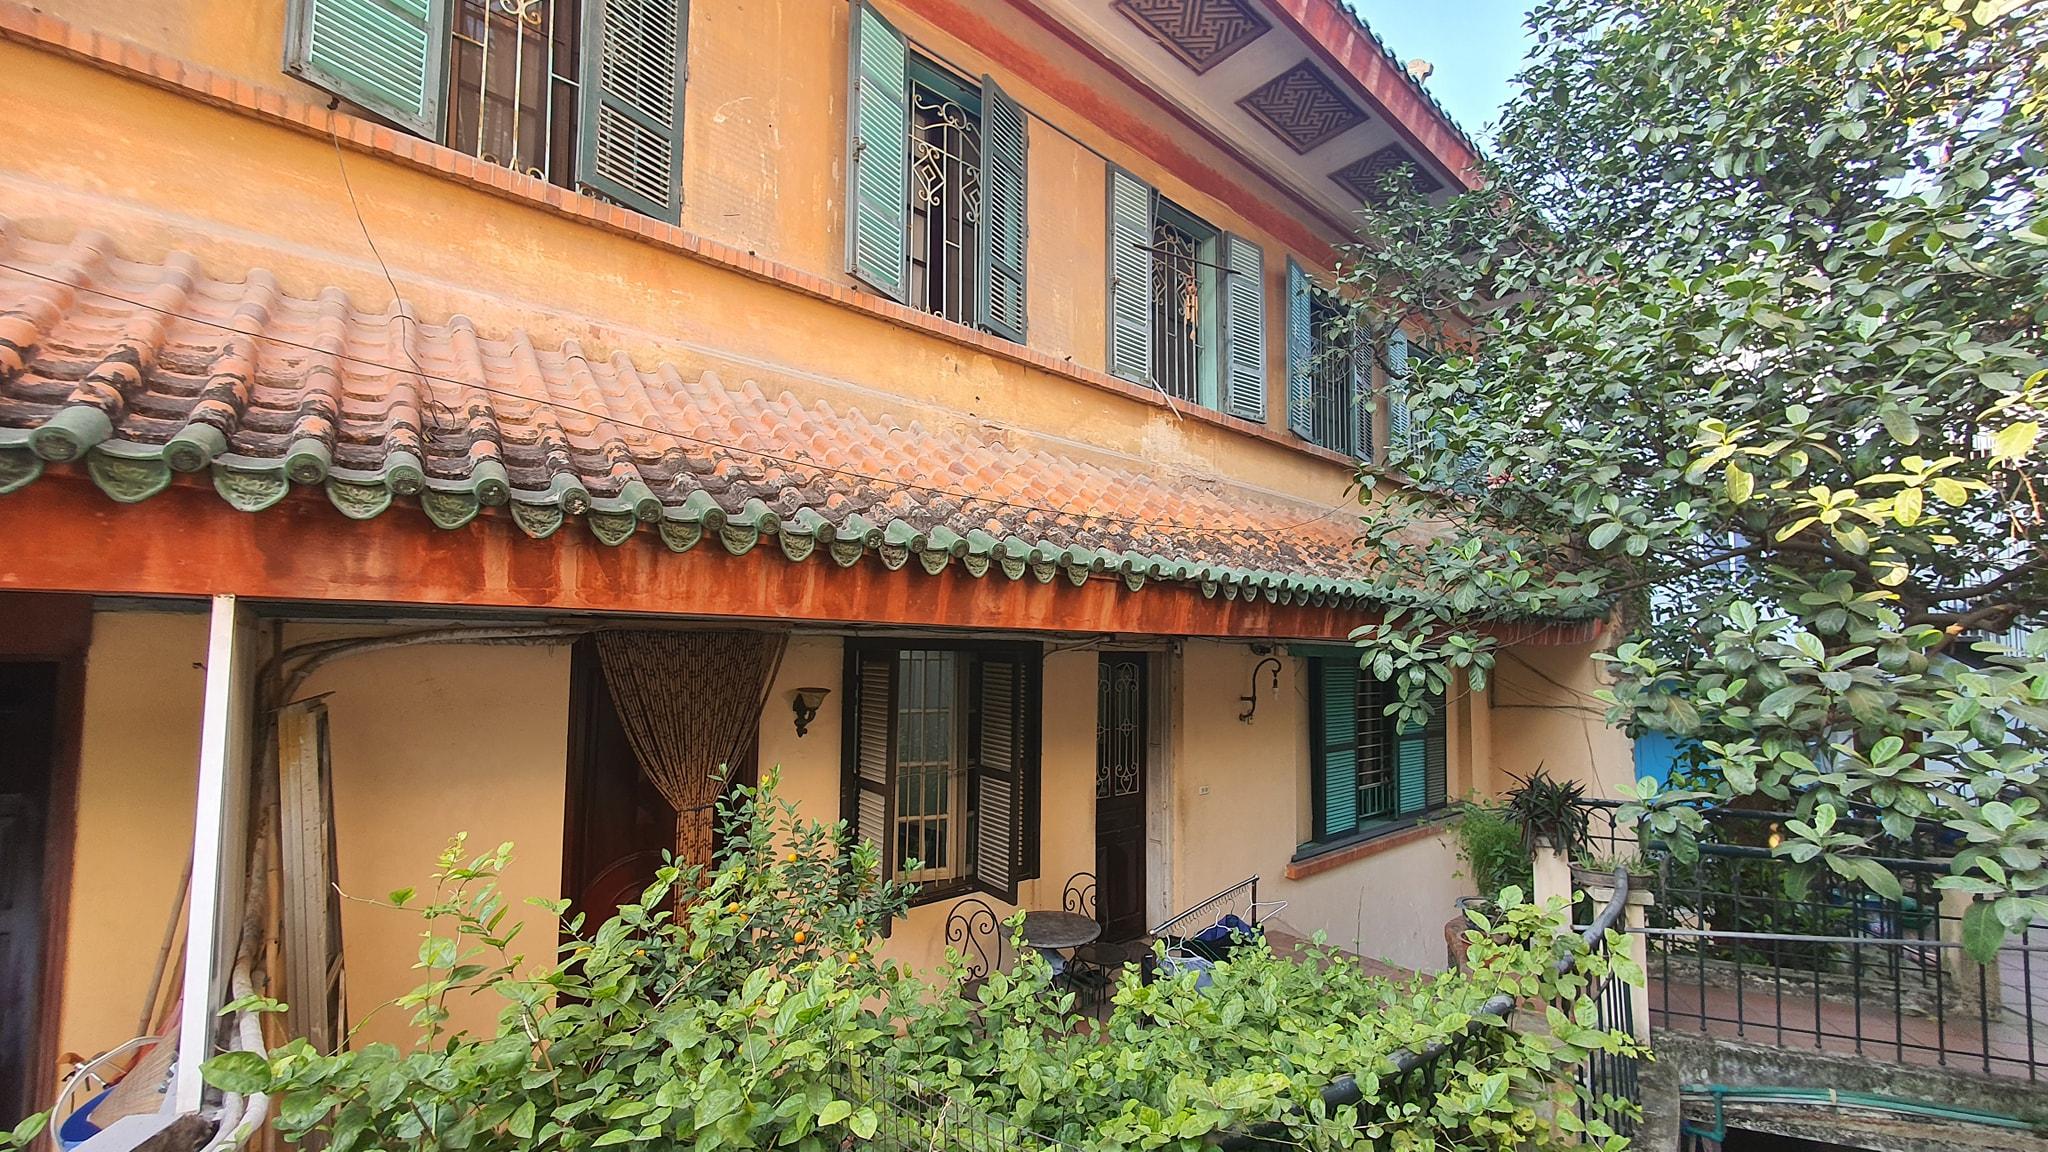 Trải qua nhiều năm dời chủ, nơi này hiện bị chia cắt thành nhiều căn hộ, tuy nhiên một phần lớn của dinh thự vẫn được giữ lại, bảo tồn khá tốt và thuộc về doanh nhân Hồ Hoàng Hải (sống tại Hà Nội). Ảnh: Hồ Hoàng Hải